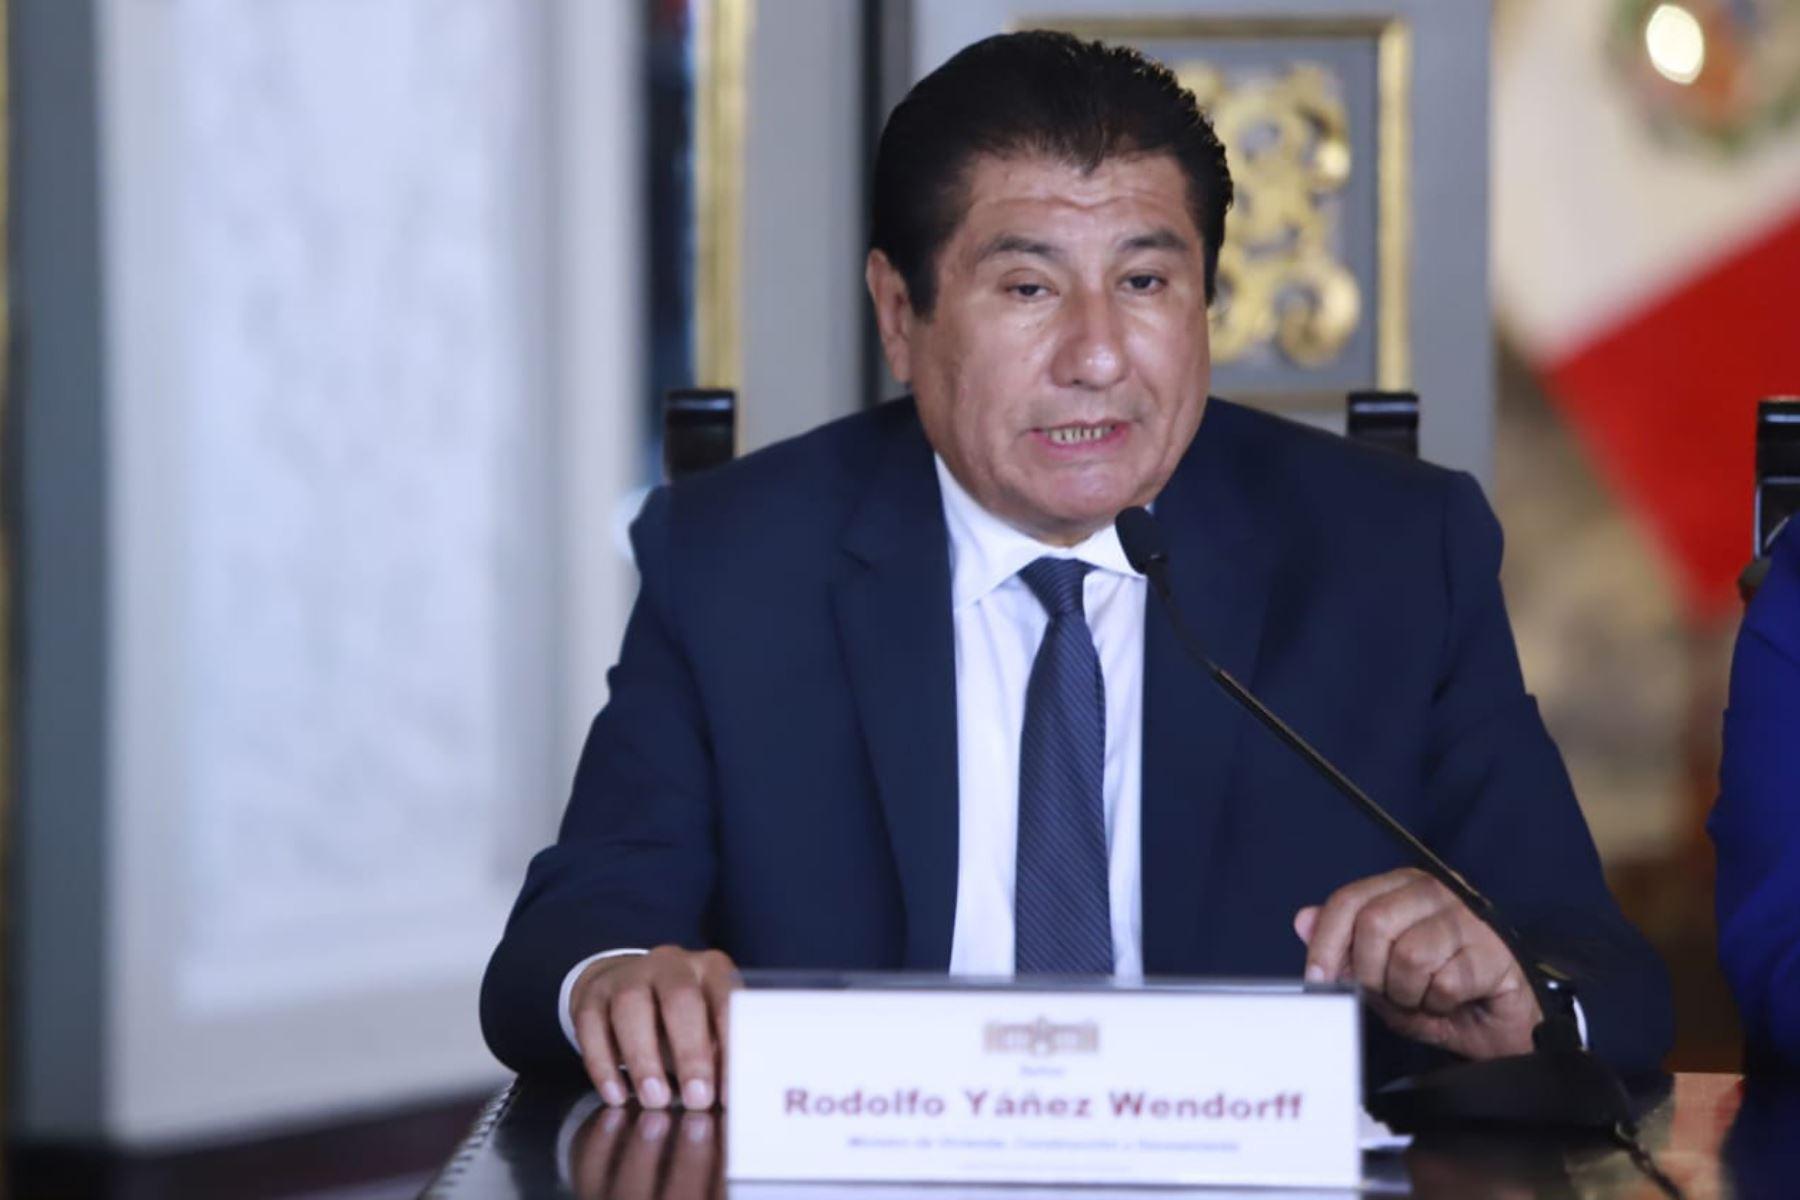 El ministro de Vivienda, Construcción y Saneamiento, Rodolfo Yáñez Wendorff, durante la presentación del Presupuesto del Sector Público para el Año Fiscal 2020. Foto: ANDINA/ Difusión